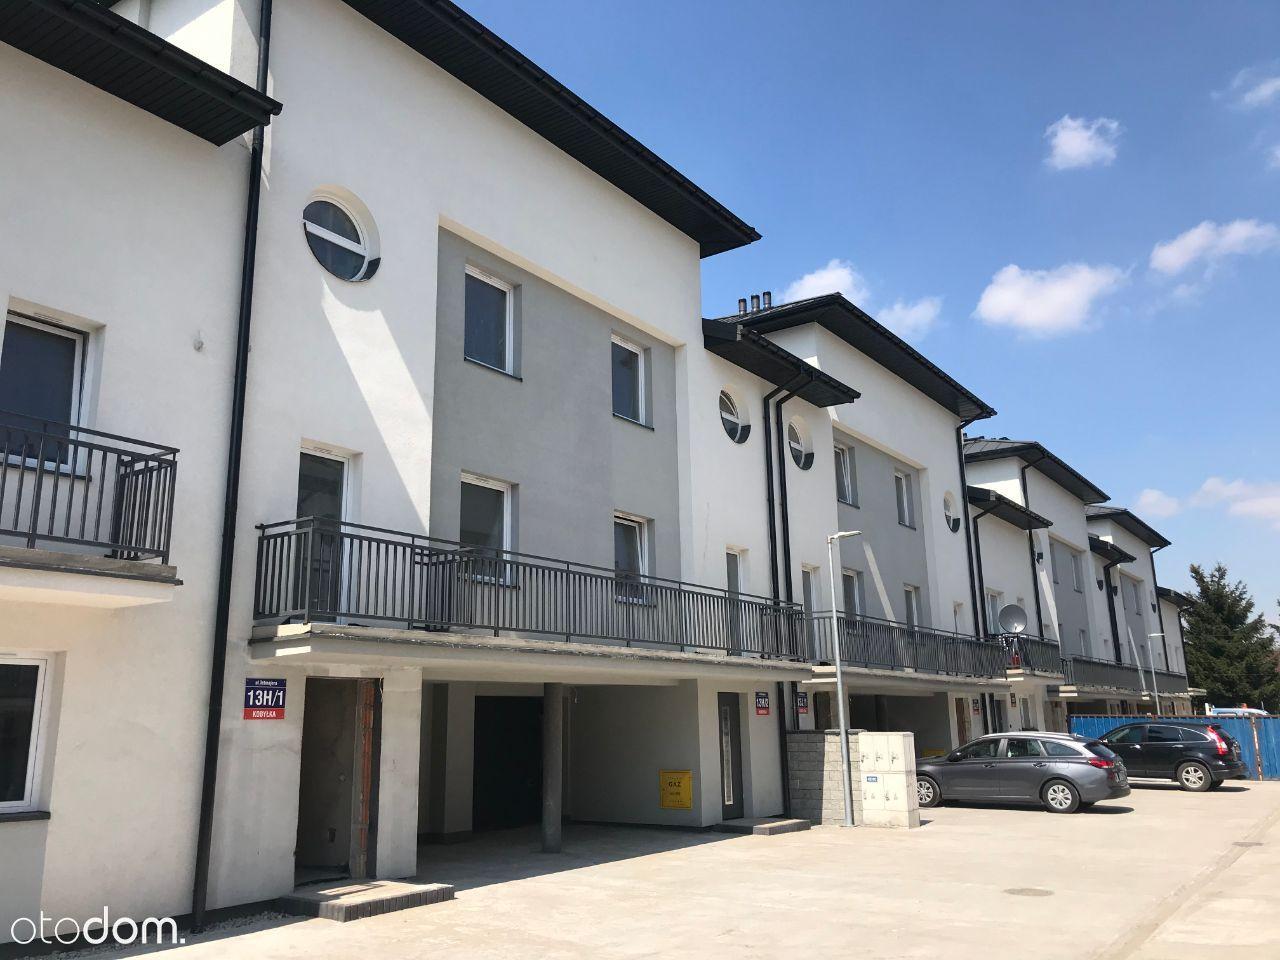 Mieszkanie 105 m2 z garażem +duże poddasze+ogródek